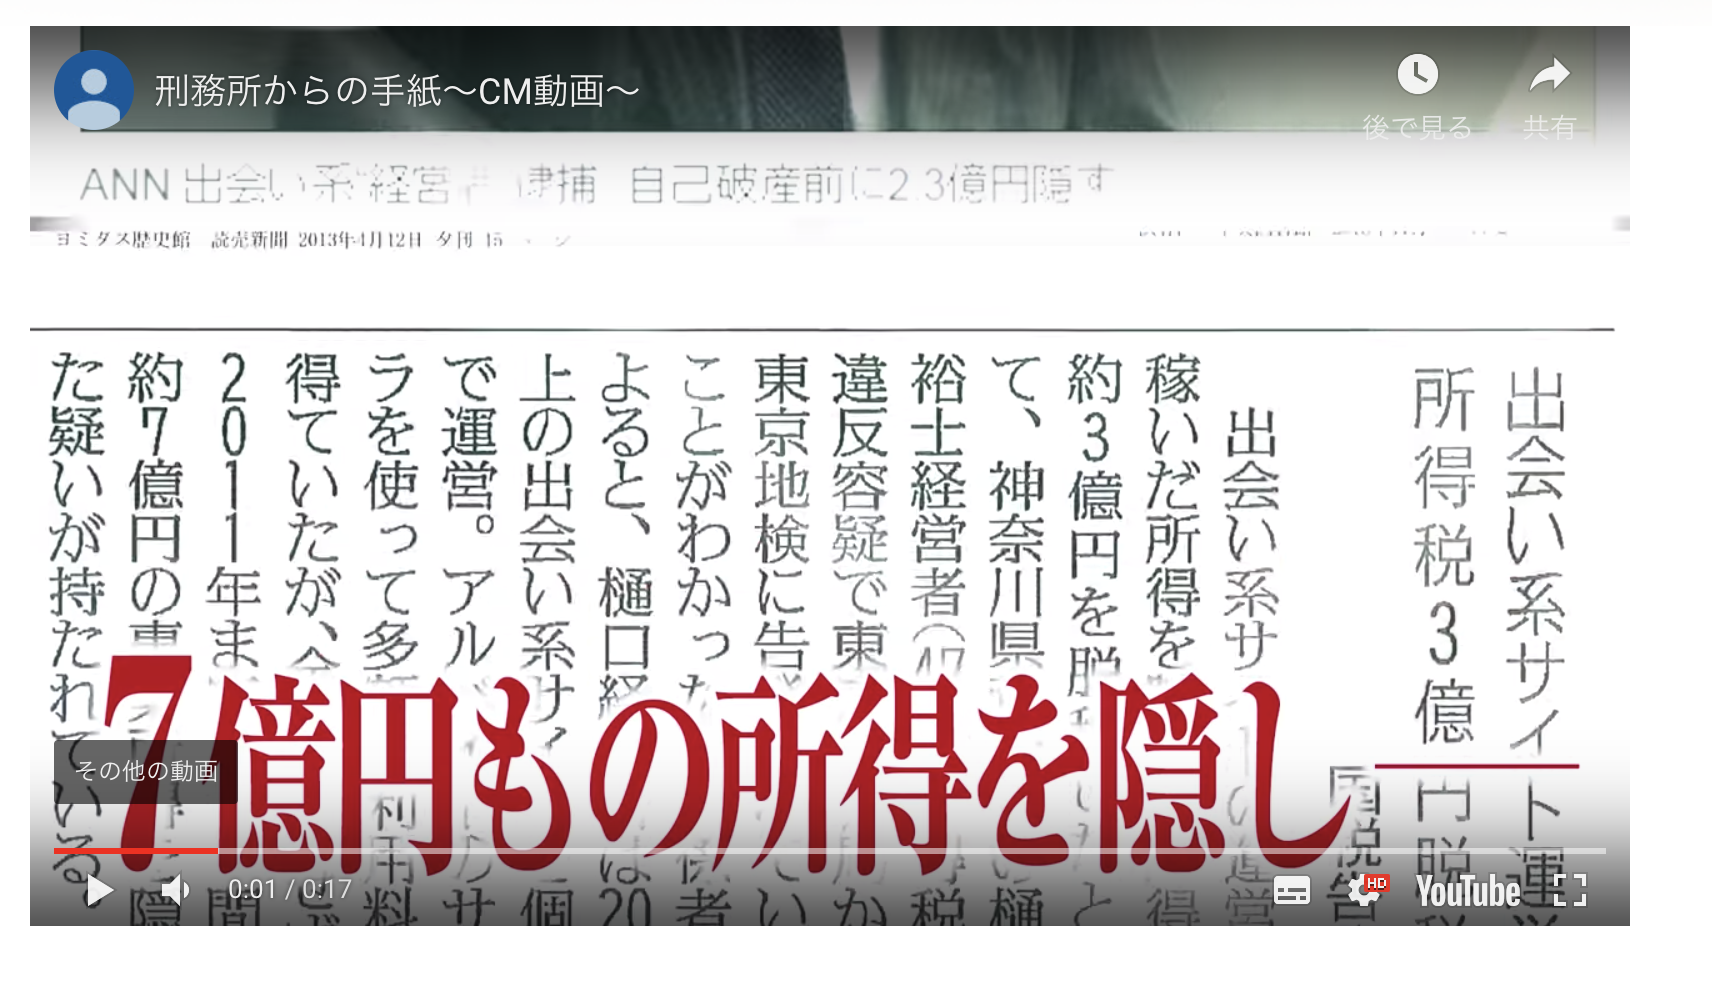 樋口裕士、真鍋健太の「刑務所からの手紙」動画